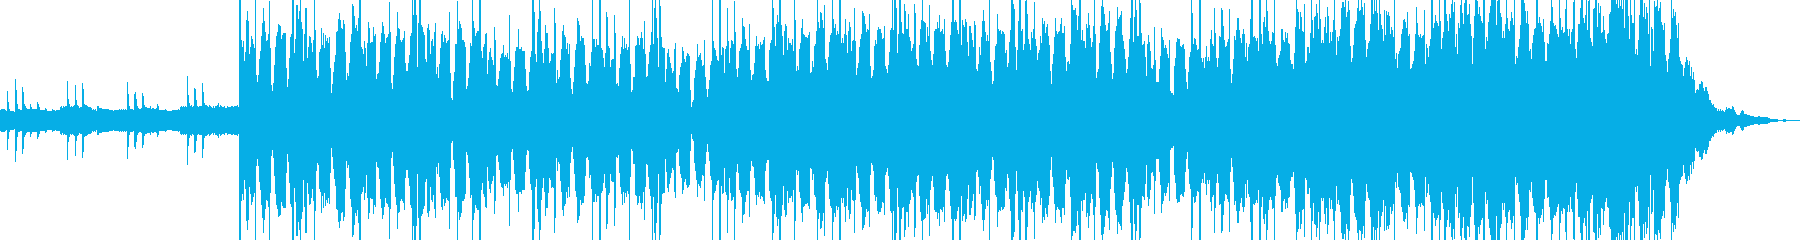 モダン テクノ ドラマチック 緊張...の再生済みの波形